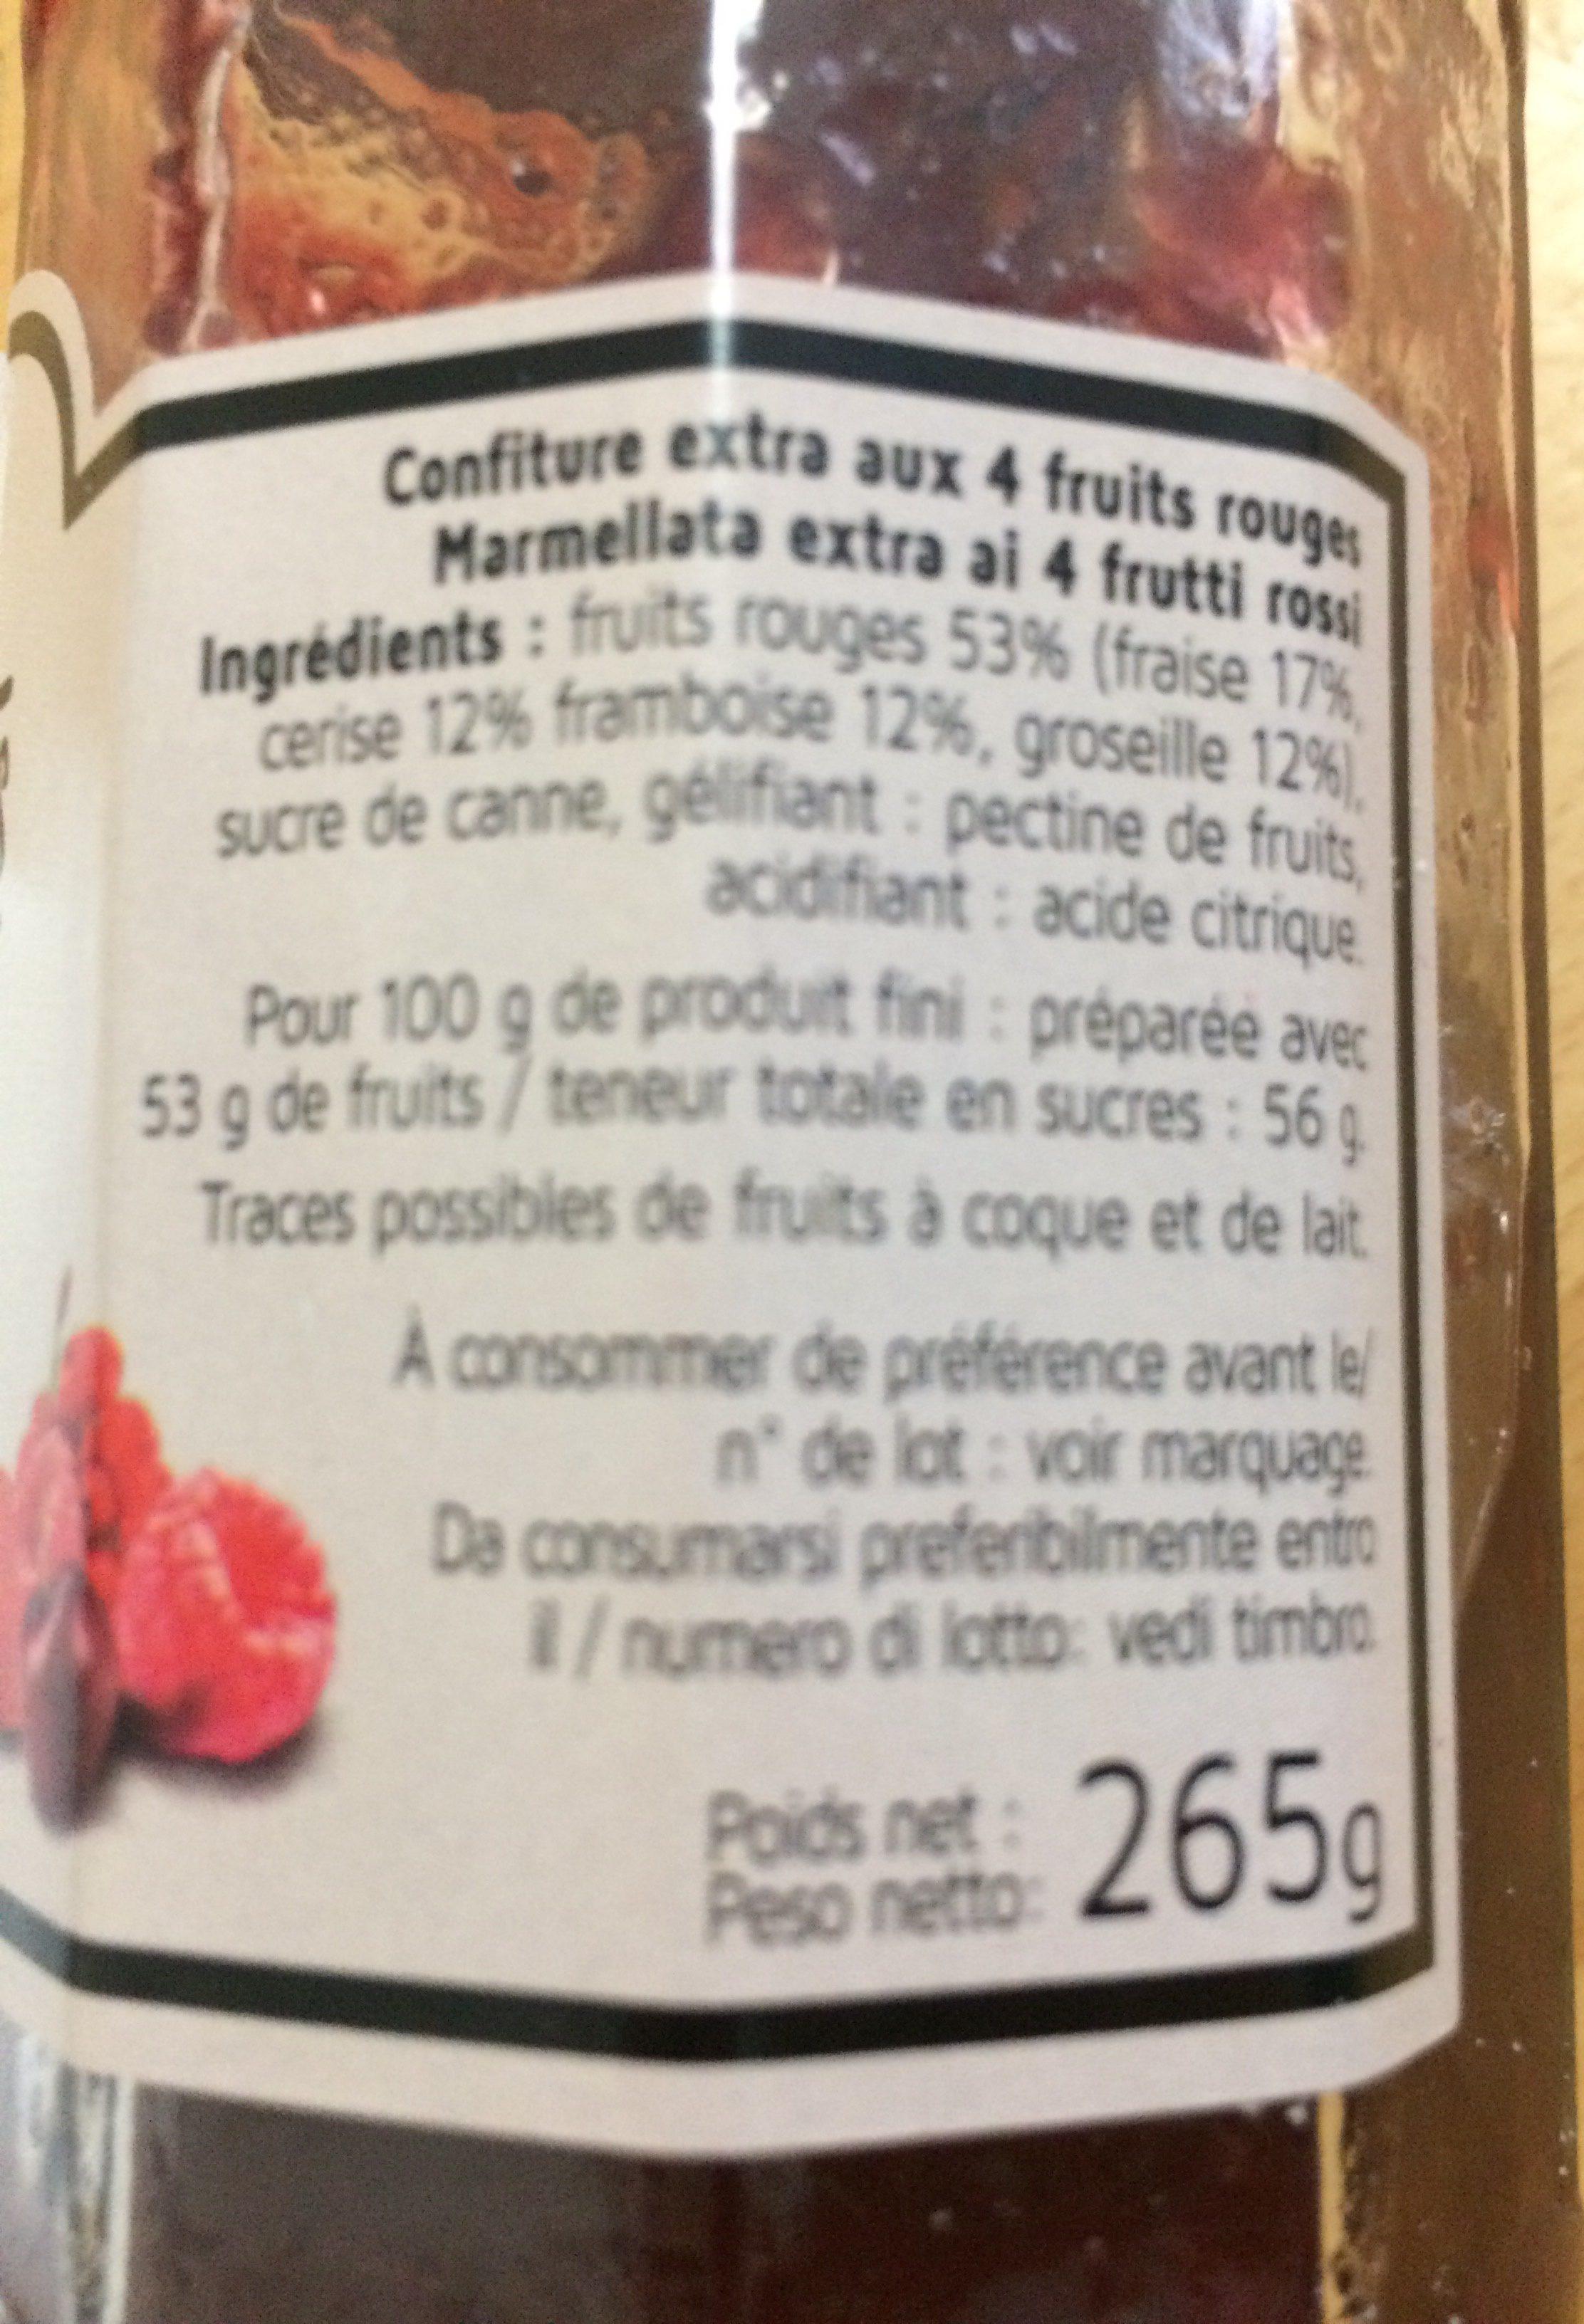 Confiture aux 4 fruits rouges - Ingrédients